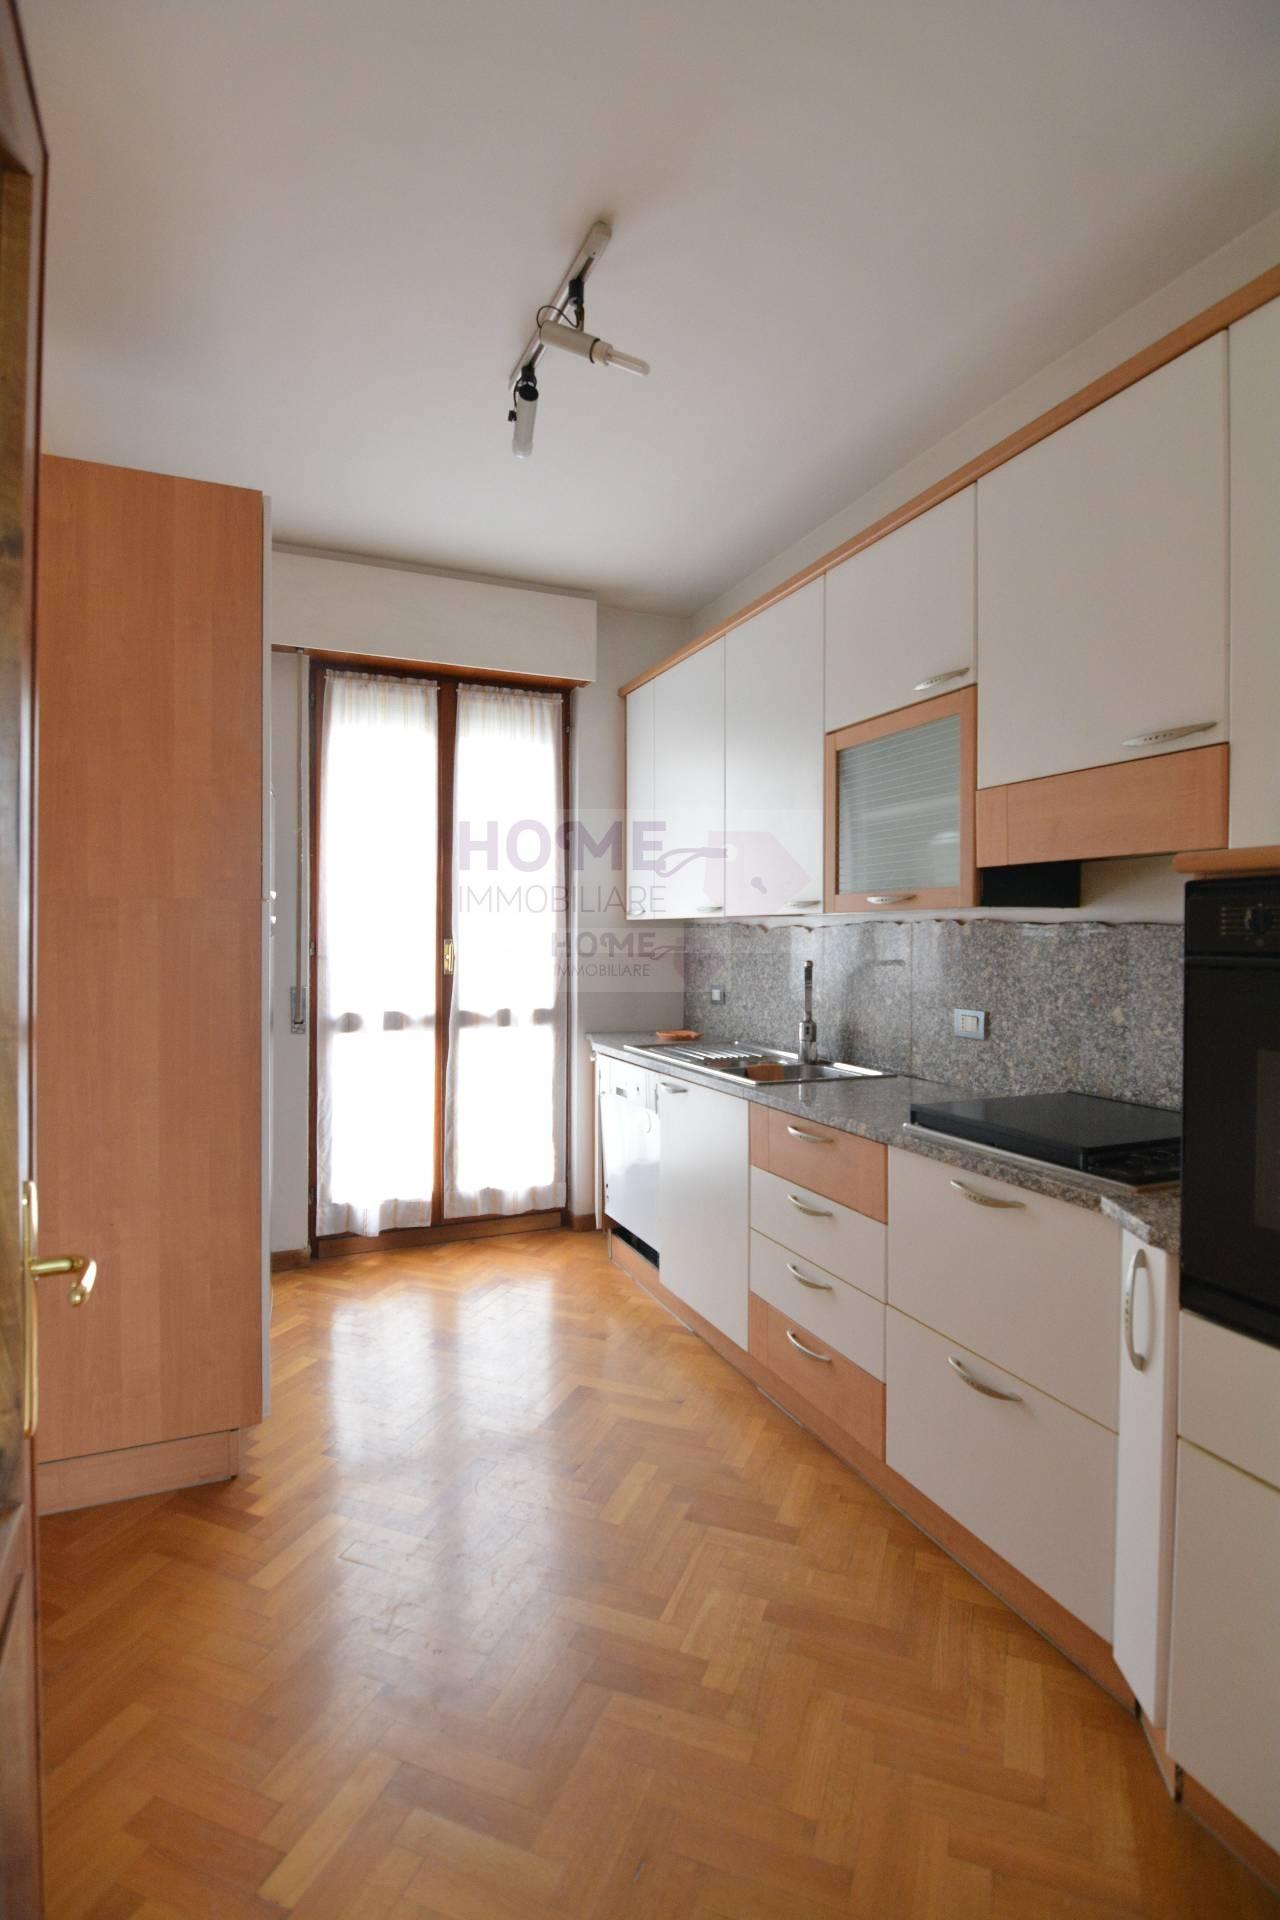 macerata vendita quart: zona centrale home immobiliare srl